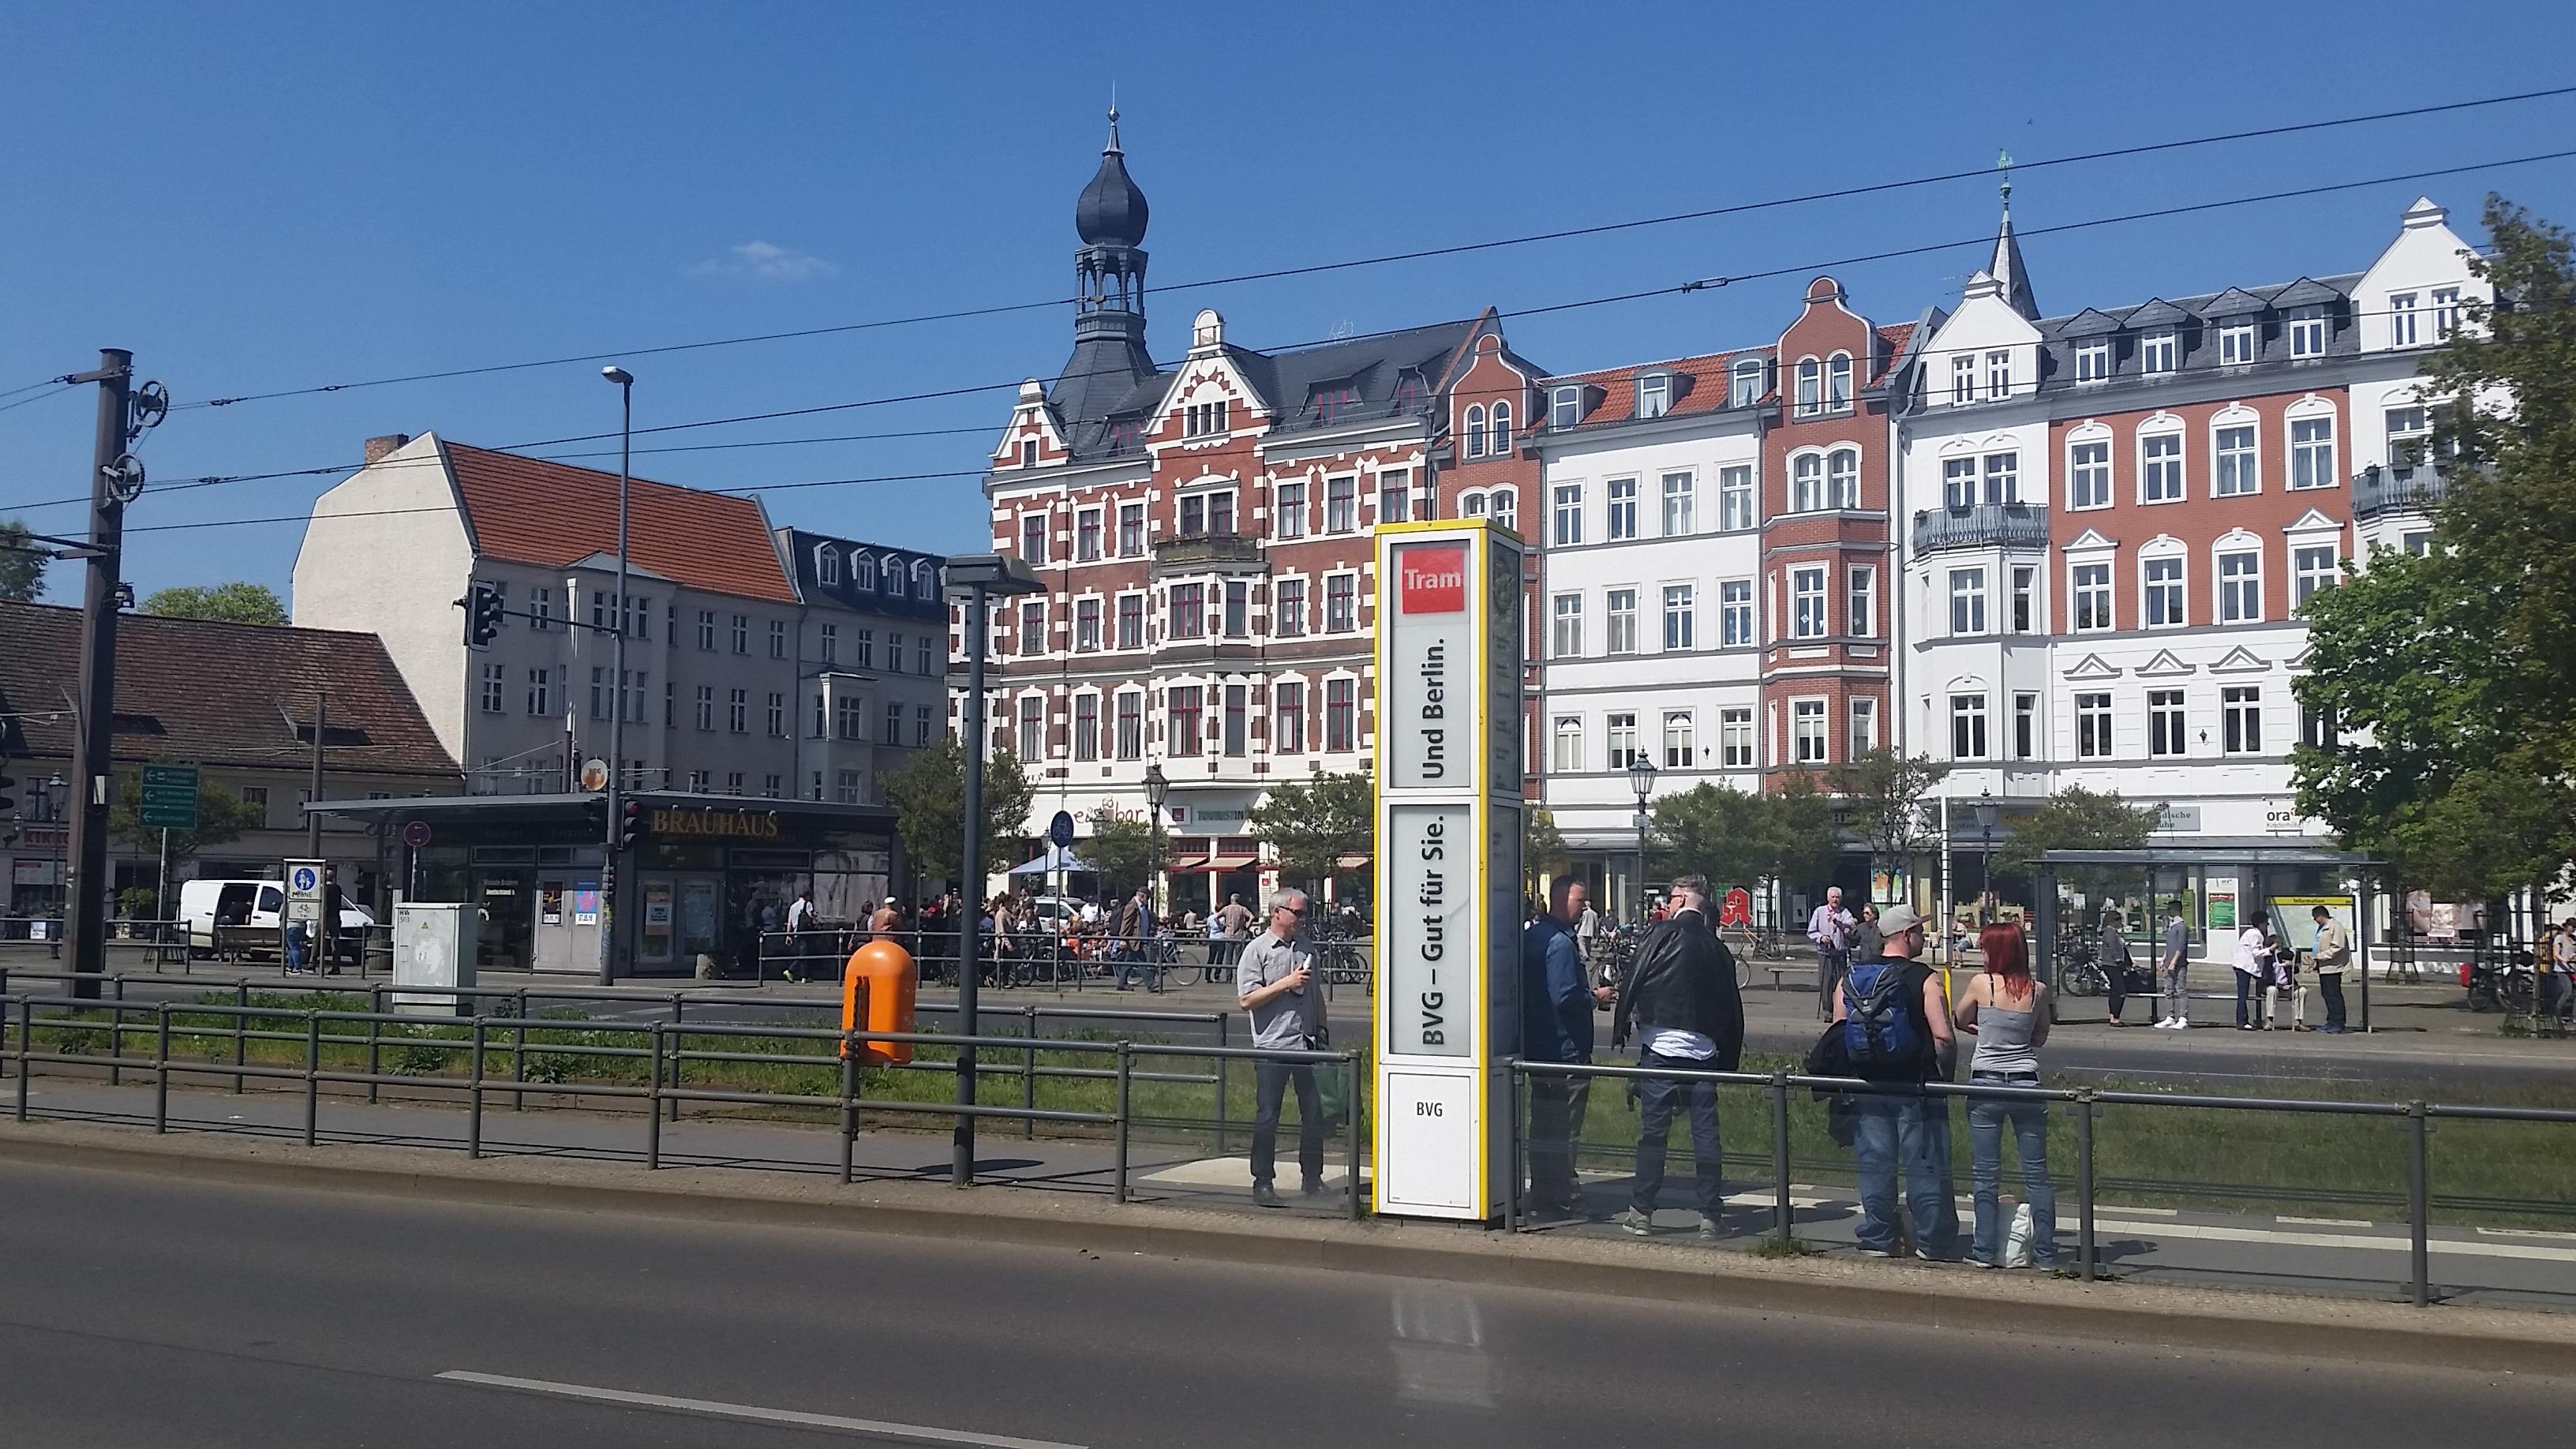 Til venstreSchlossplatzbrauerei Köpenick, som gjør krav på å være Tysklands minste bryggeri. På trikkeholdeplassen et par menn med ølflasker.